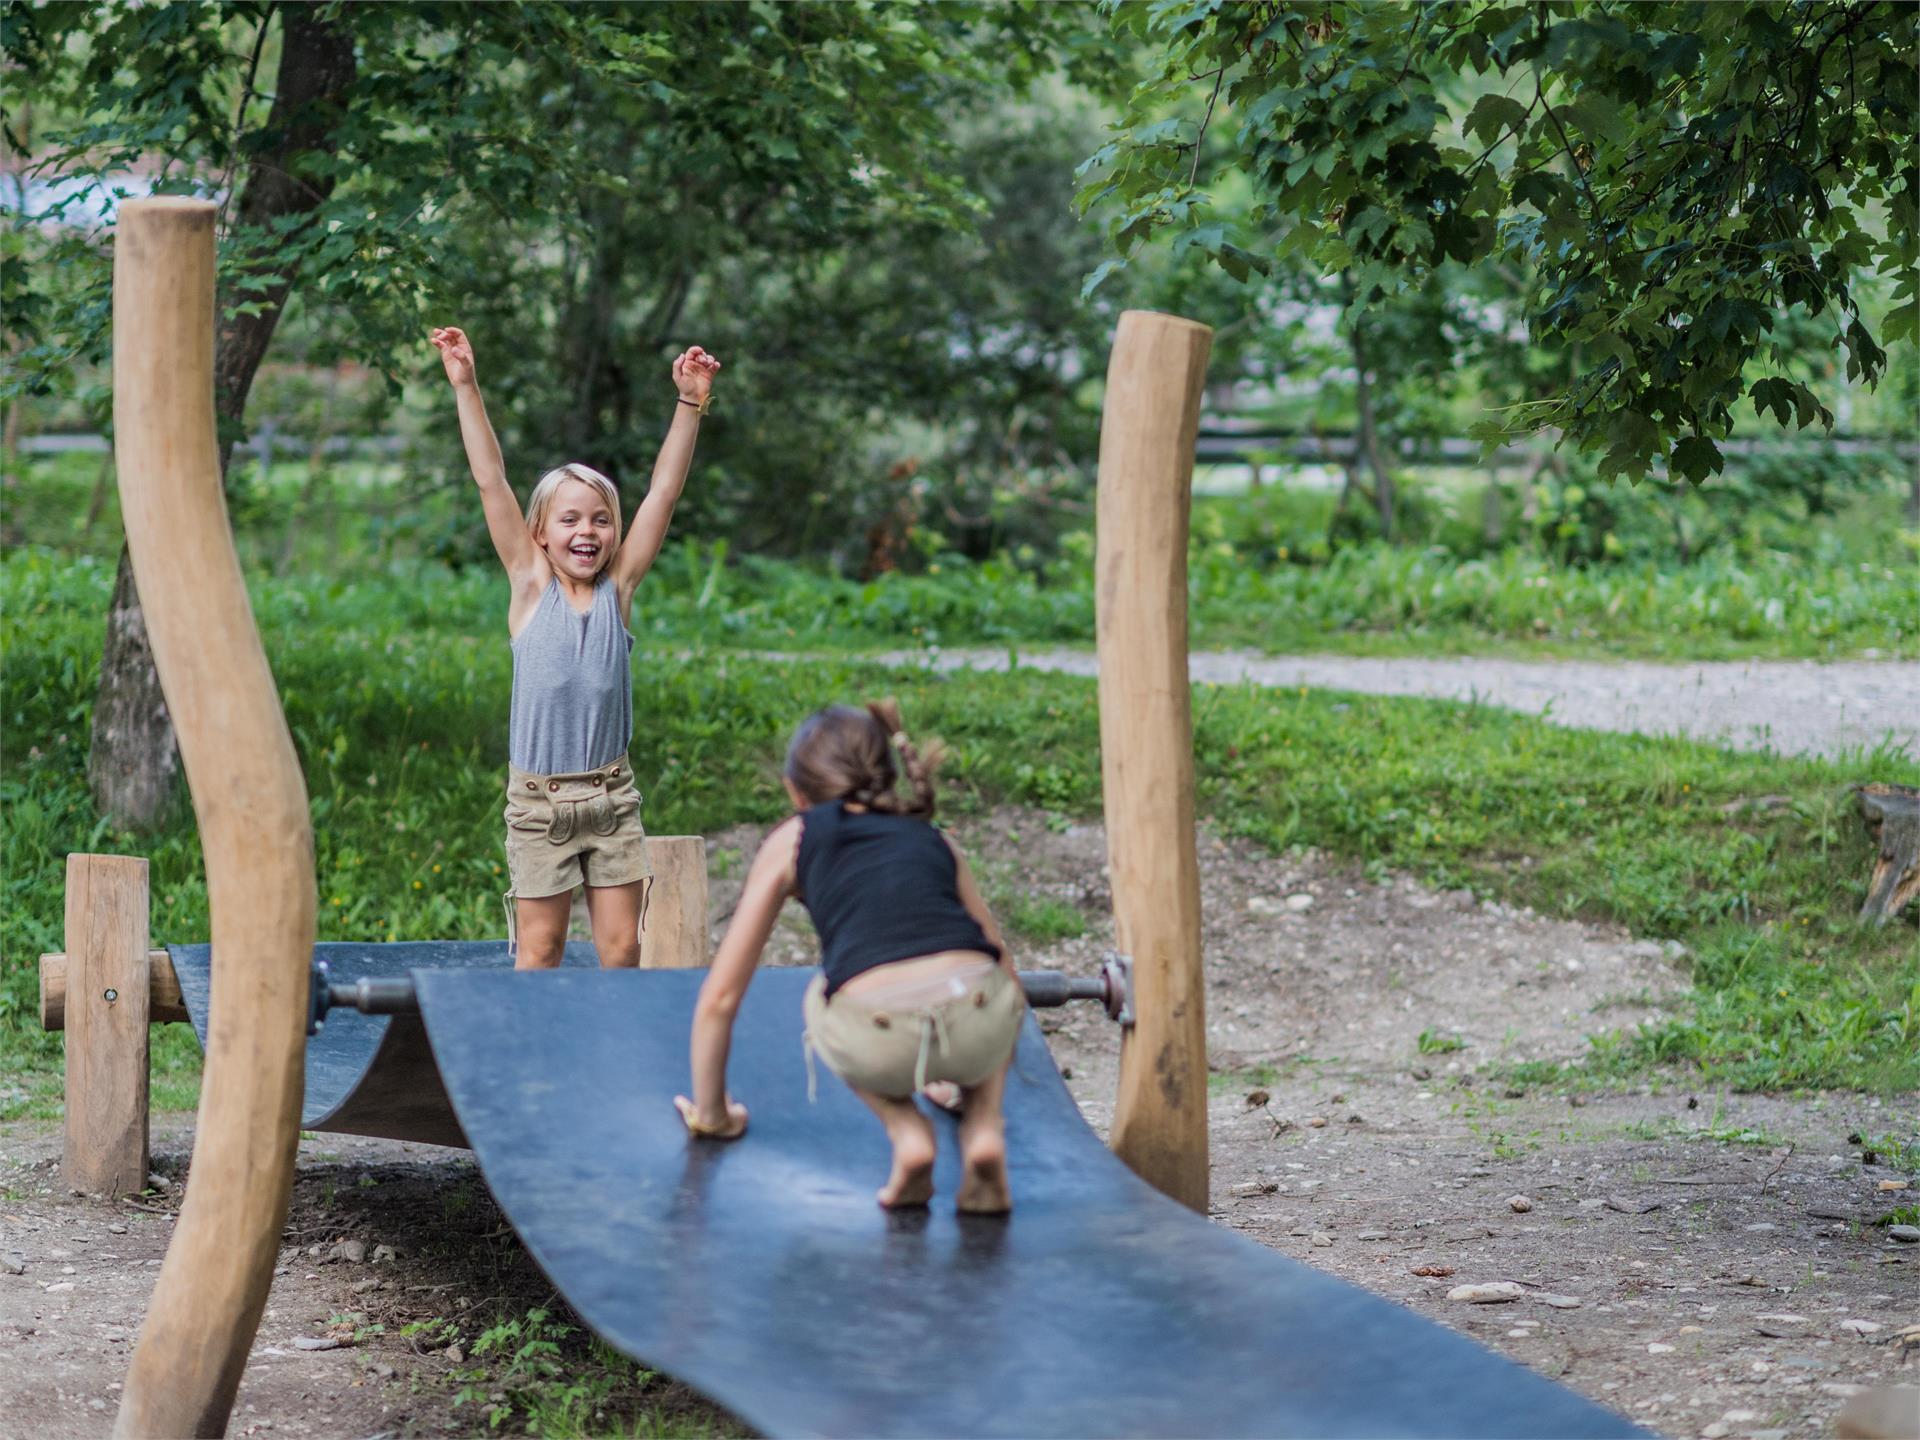 Parco gioco nel bosco